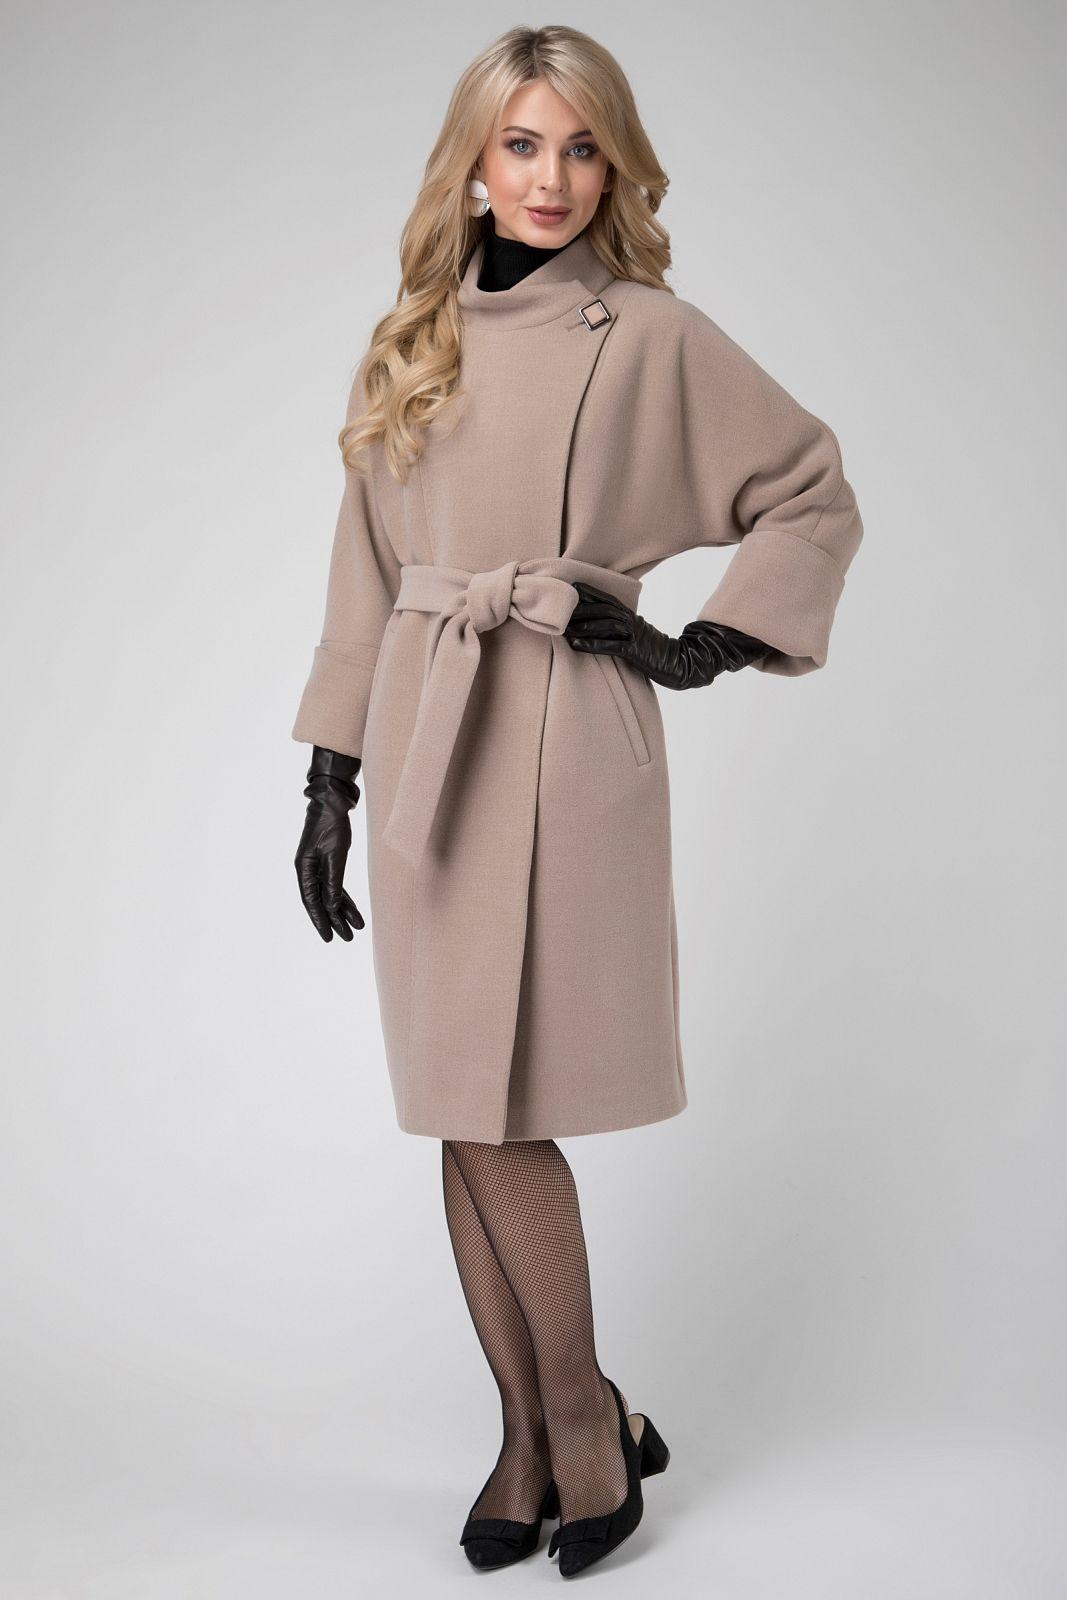 07e58720762d Коллекция Осень-зима 2017-2018. Каталог женской верхней одежды от  производителя   ElectraStyle